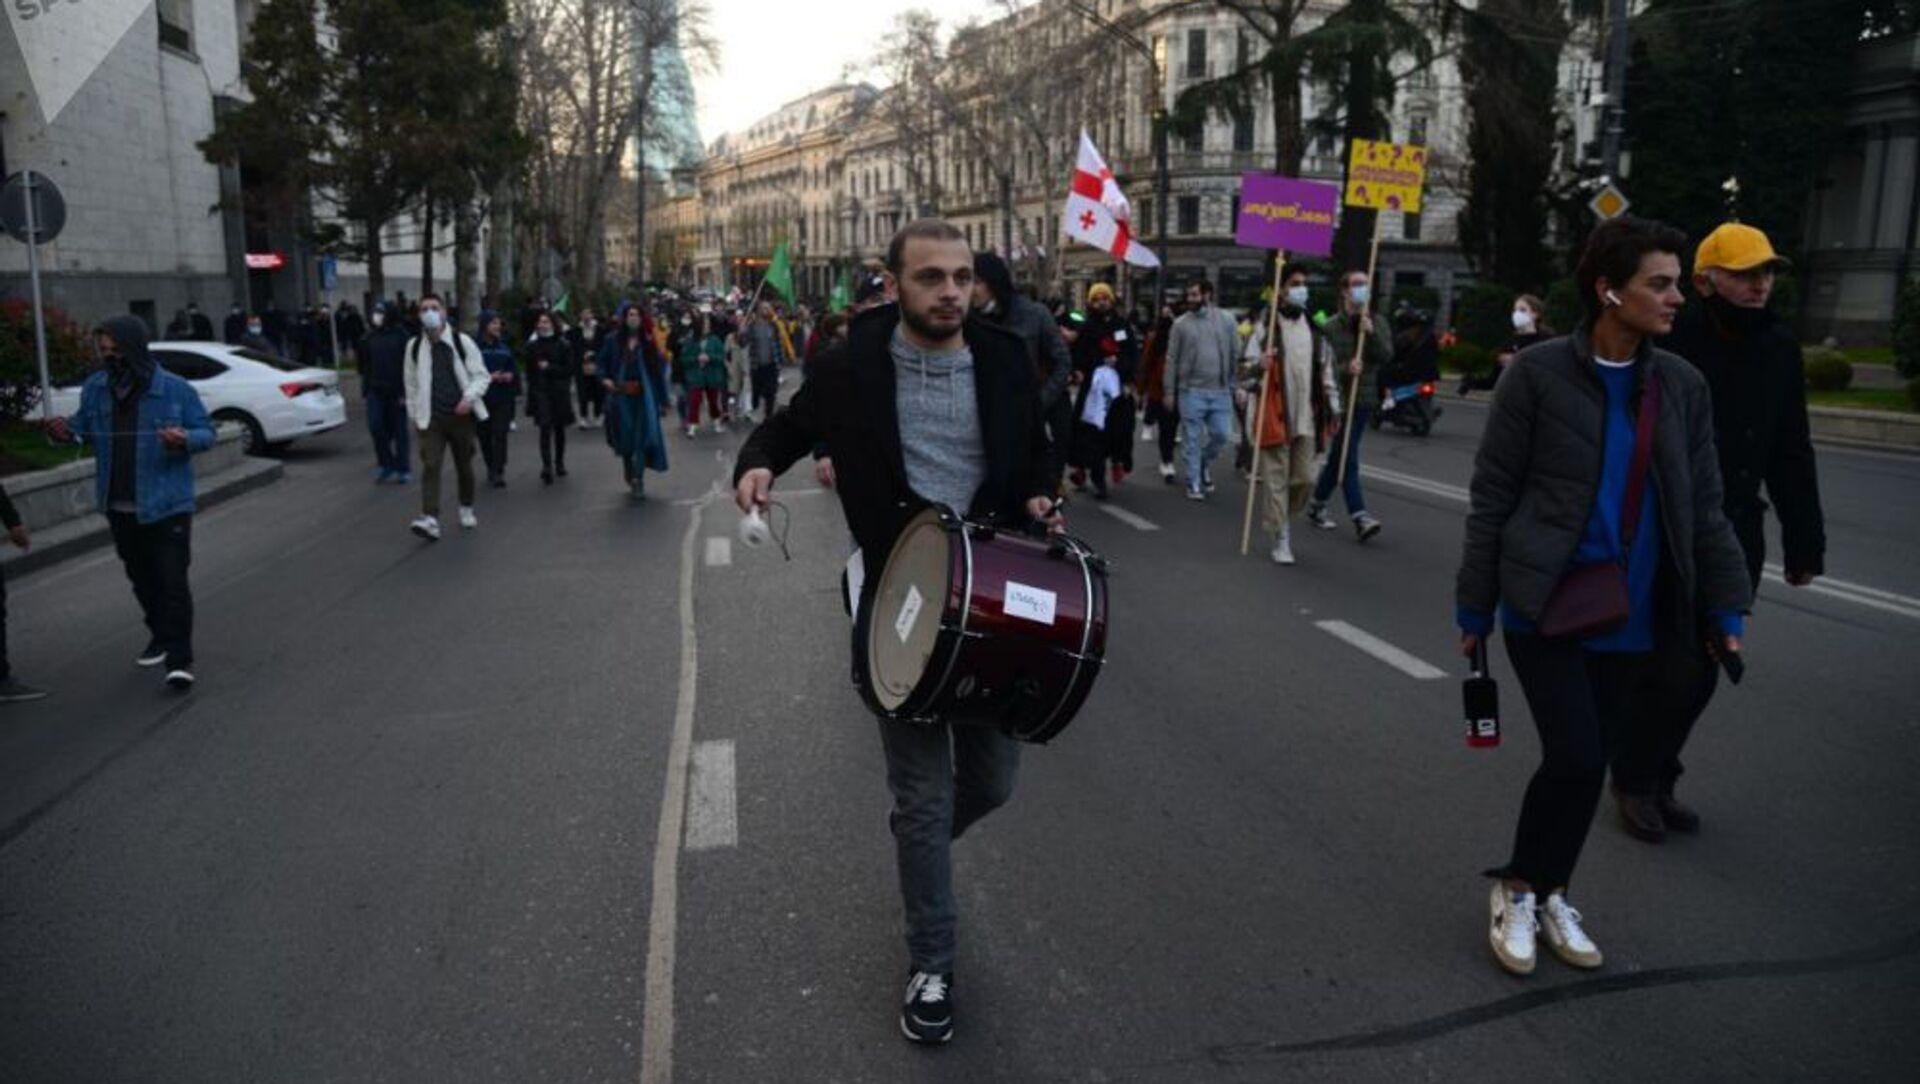 Шествие против комендантского часа и covid-ограничений в столице Грузии (3 апреля 2021). Тбилиси - Sputnik Արմենիա, 1920, 12.05.2021